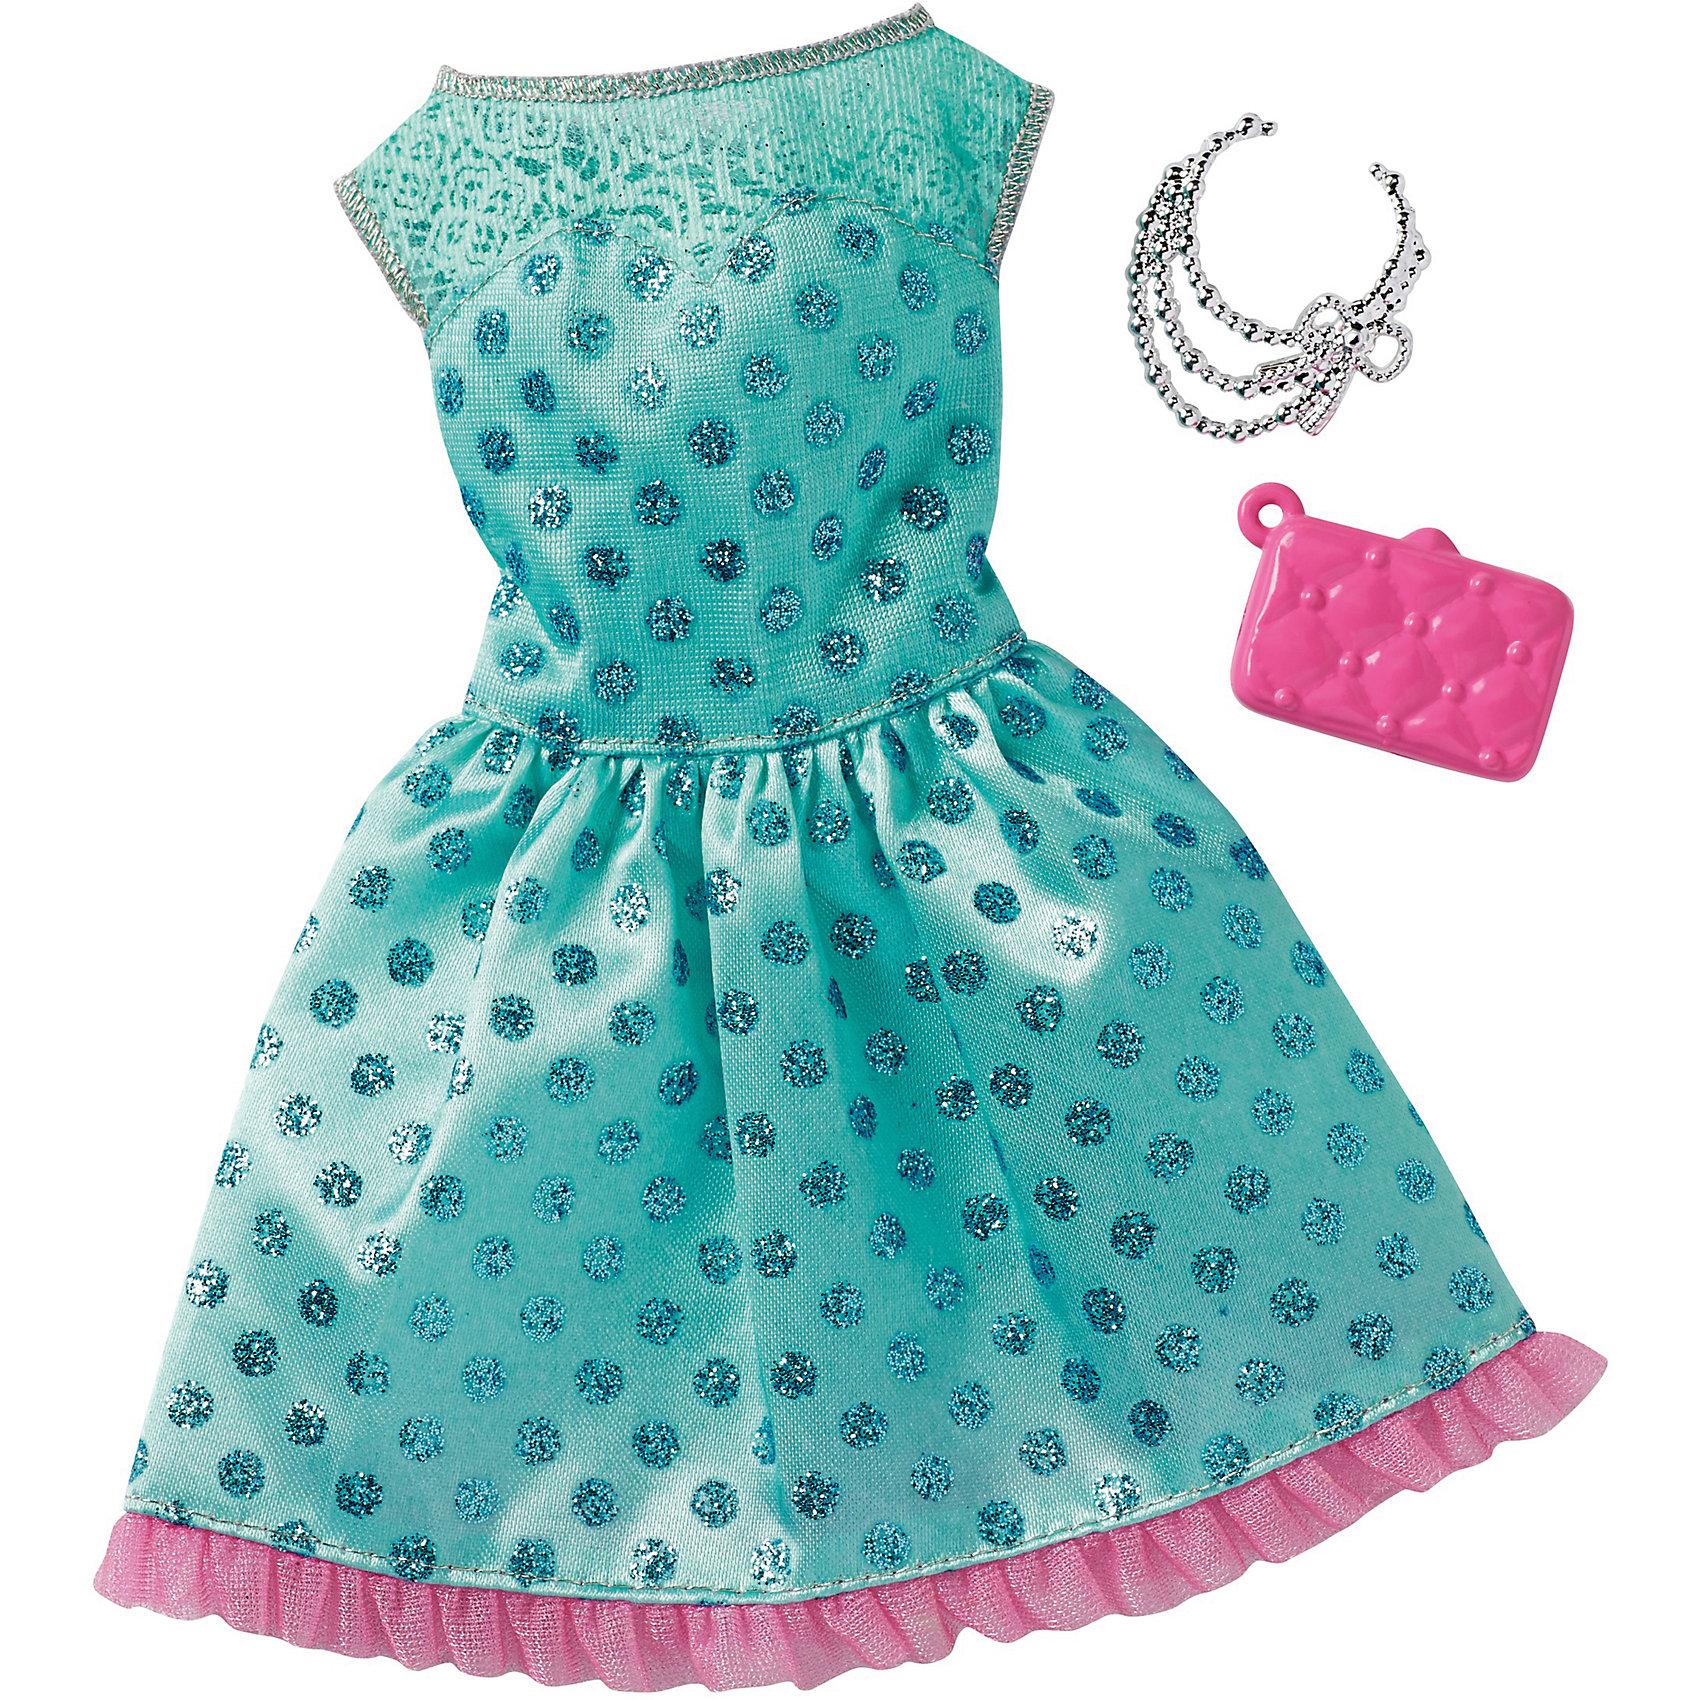 Одежда для кукол Barbie Игра с модой - Праздничное платьеКукольная одежда и аксессуары<br>Характеристики товара:<br><br>• возраст от 3 лет;<br>• материал: текстиль;<br>• в комплекте: платье, аксессуары;<br>• размер упаковки 25,7х11,6х1,2 см;<br>• вес упаковки 26 гр.;<br>• страна производитель: Китай.<br><br>Универсальное праздничное платье для Barbie Mattel создаст новый яркий образ для любимой куколки Барби. Яркое голубое платье украшено блестками и дополнено стильной сумочкой и ожерельем для создания неповторимого образа. Платье универсальное и подходит для всех кукол Барби. Изготовлено платье из качественных материалов без использования вредных красителей.<br><br>Универсальное праздничное платье для Barbie Mattel можно приобрести в нашем интернет-магазине.<br><br>Ширина мм: 257<br>Глубина мм: 116<br>Высота мм: 12<br>Вес г: 26<br>Возраст от месяцев: 36<br>Возраст до месяцев: 72<br>Пол: Женский<br>Возраст: Детский<br>SKU: 6680133